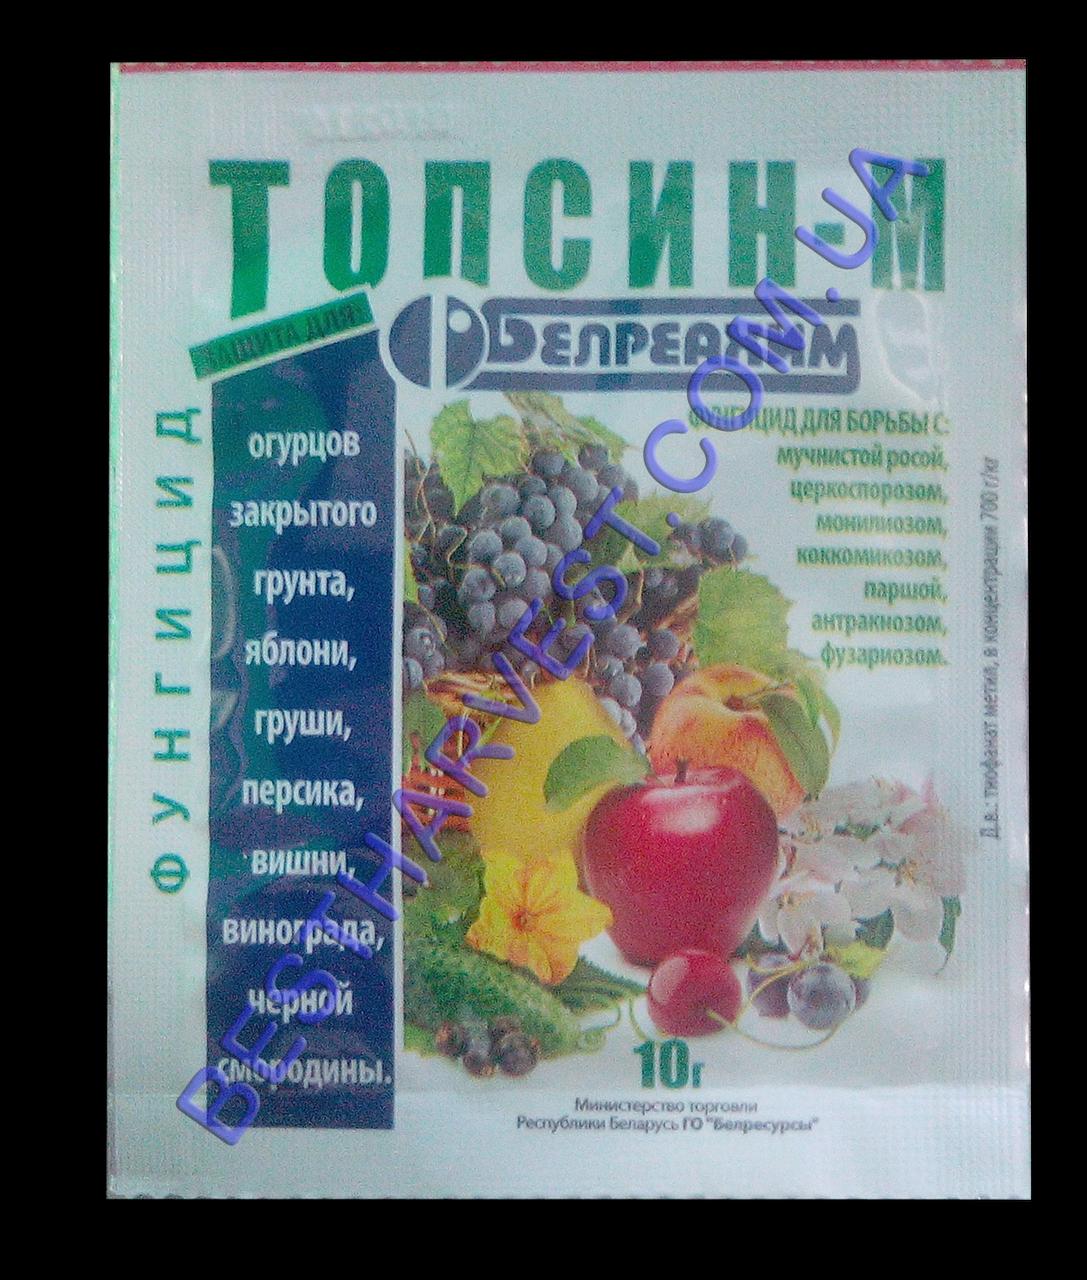 Фунгицид топсин-м — инструкция по применению